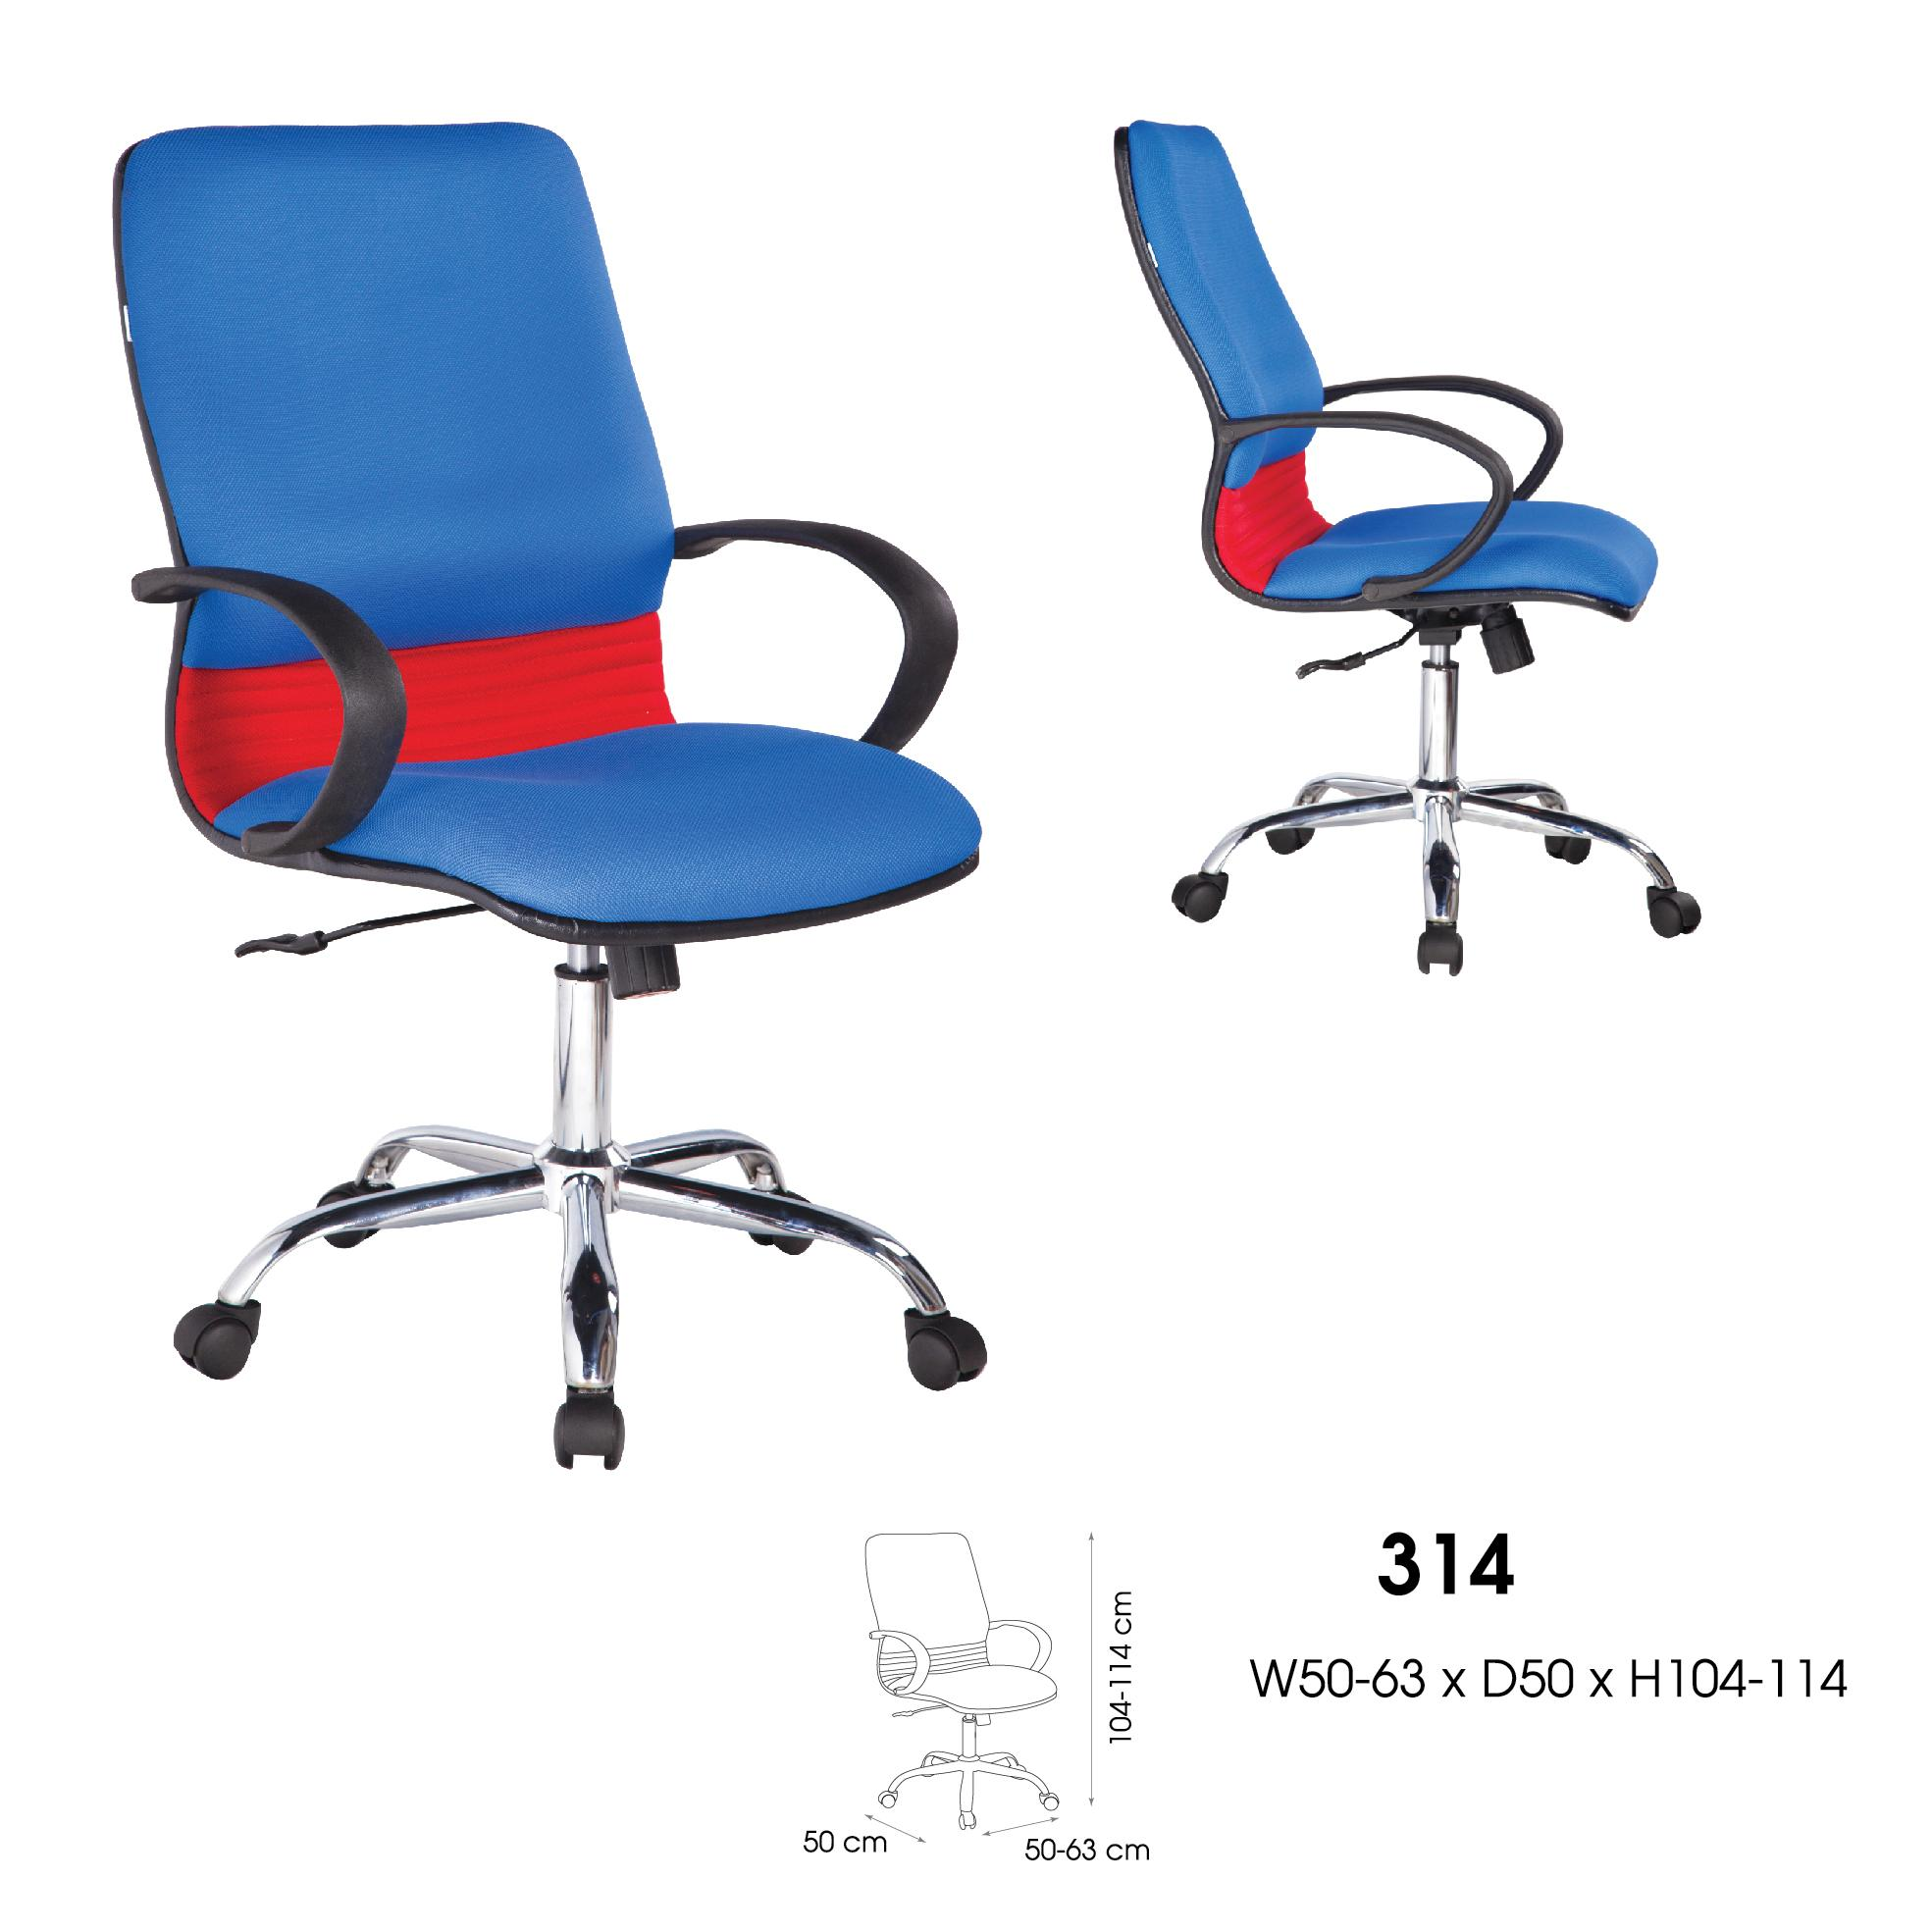 Ghế văn phòng TG6314